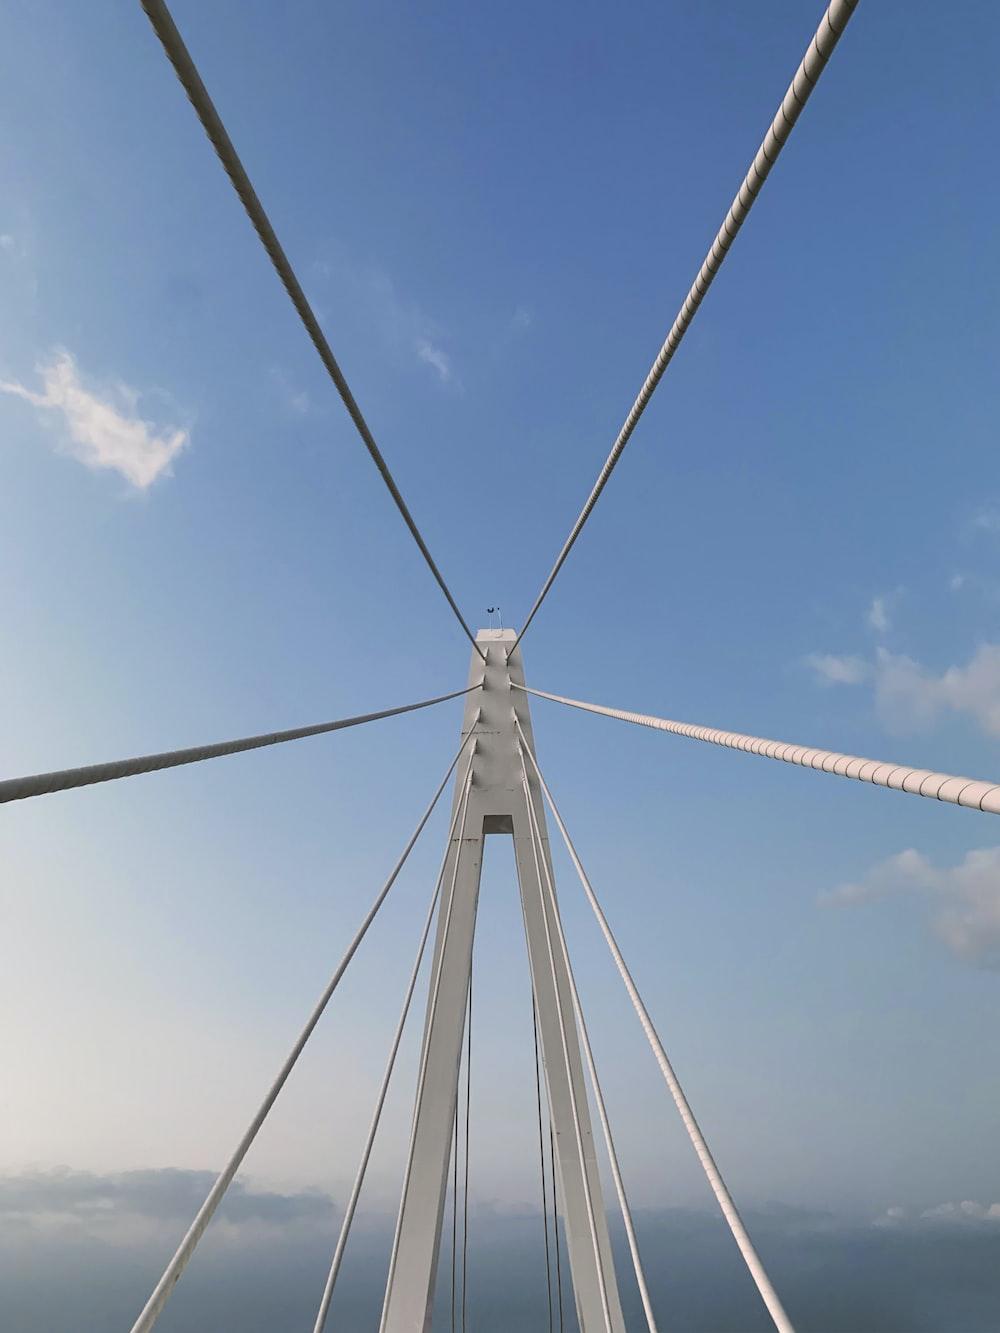 bridge during day